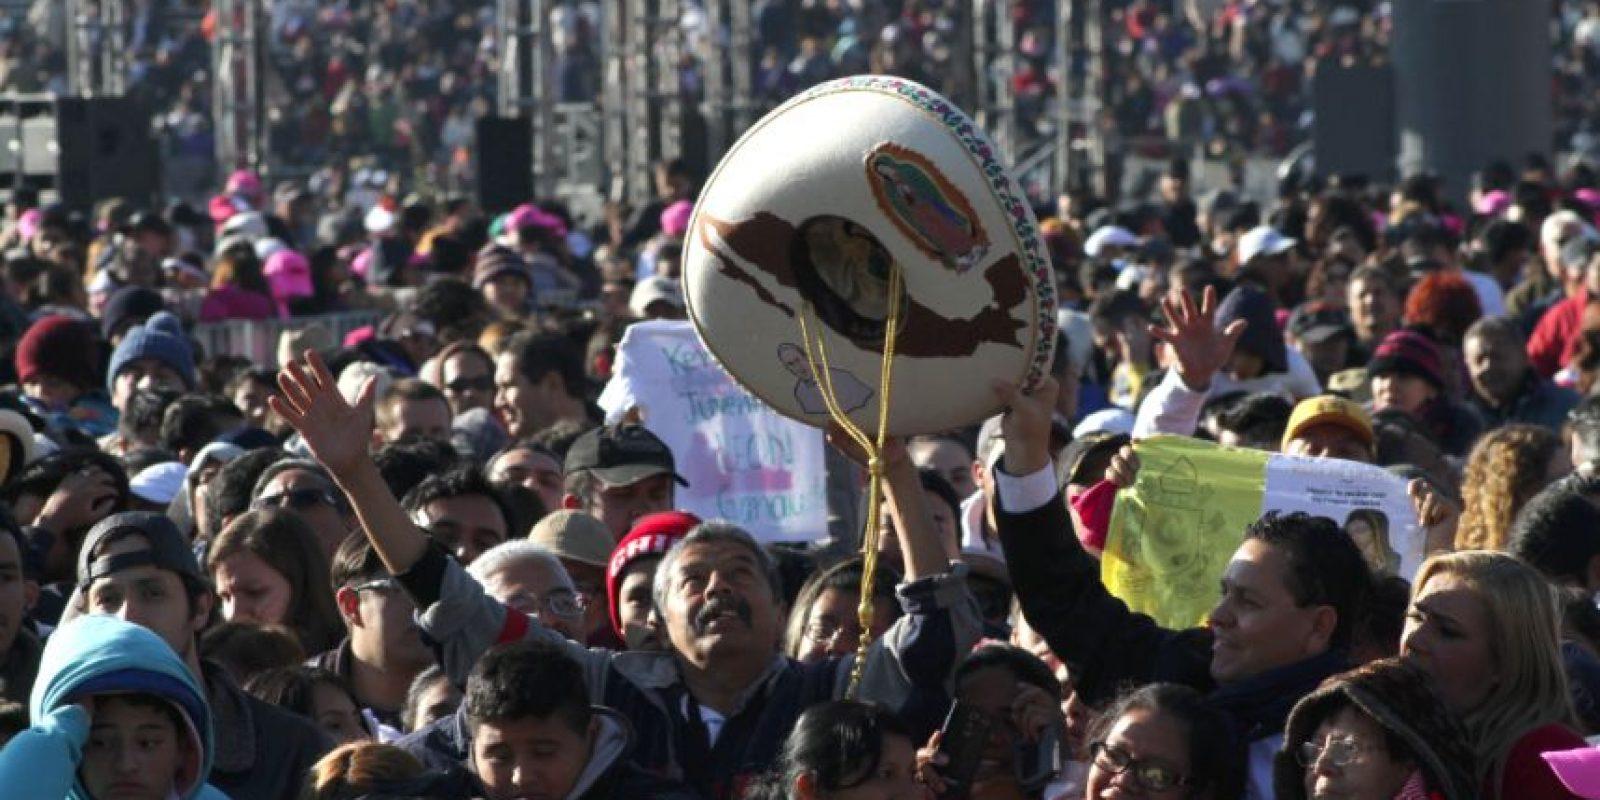 Miles de feligreses saludan con júbilo al Santo Pontífice y es notorio el incremento de las personas que han salido a las calles para verlo pasar Foto:Nicolás Corte/ Publimetro